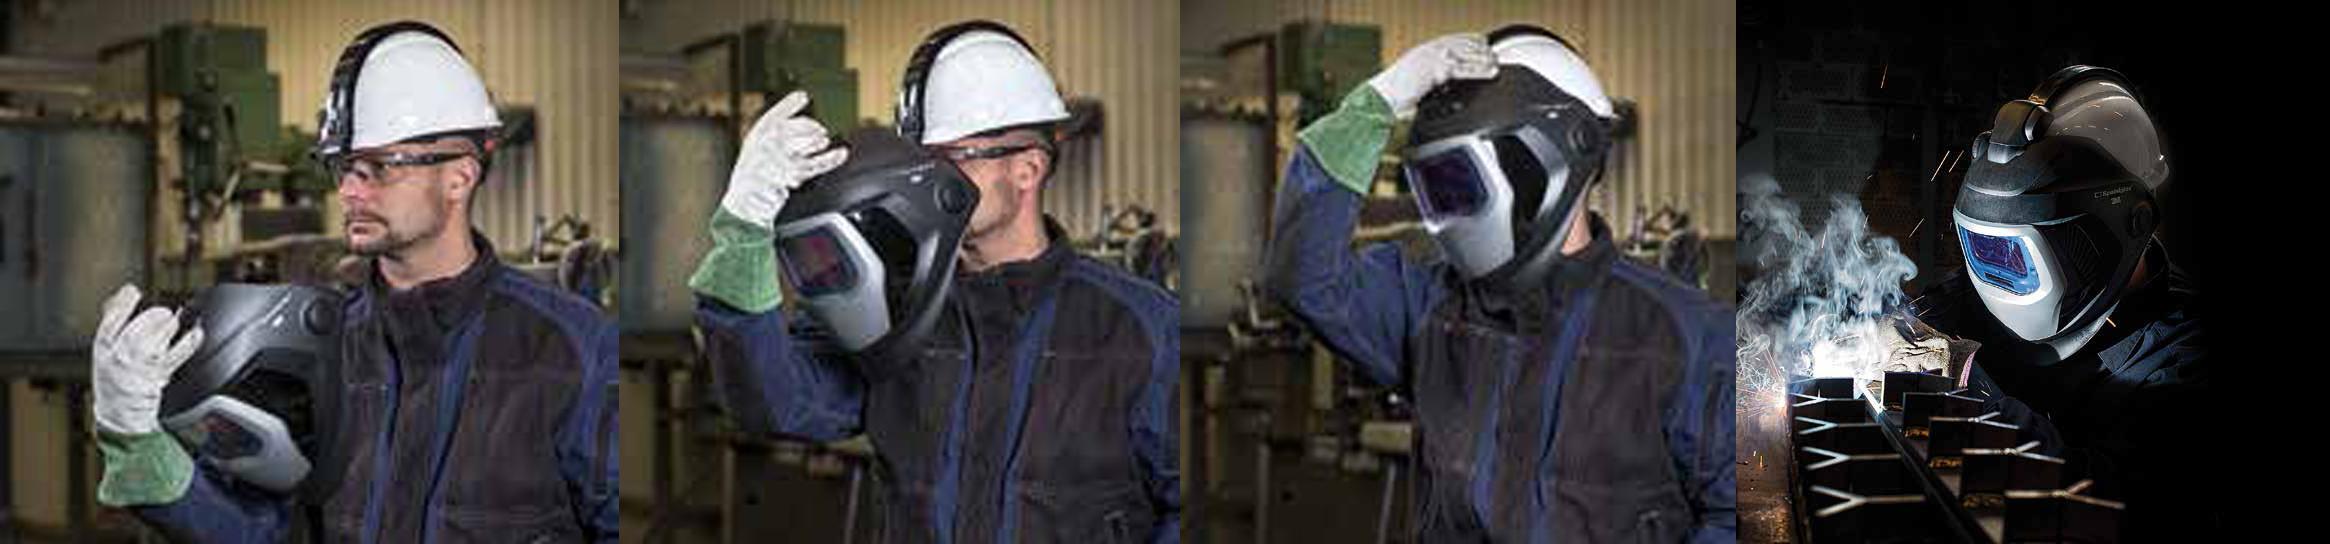 Geen compromis meer: Niet meer lassen zonder hoofdbescherming